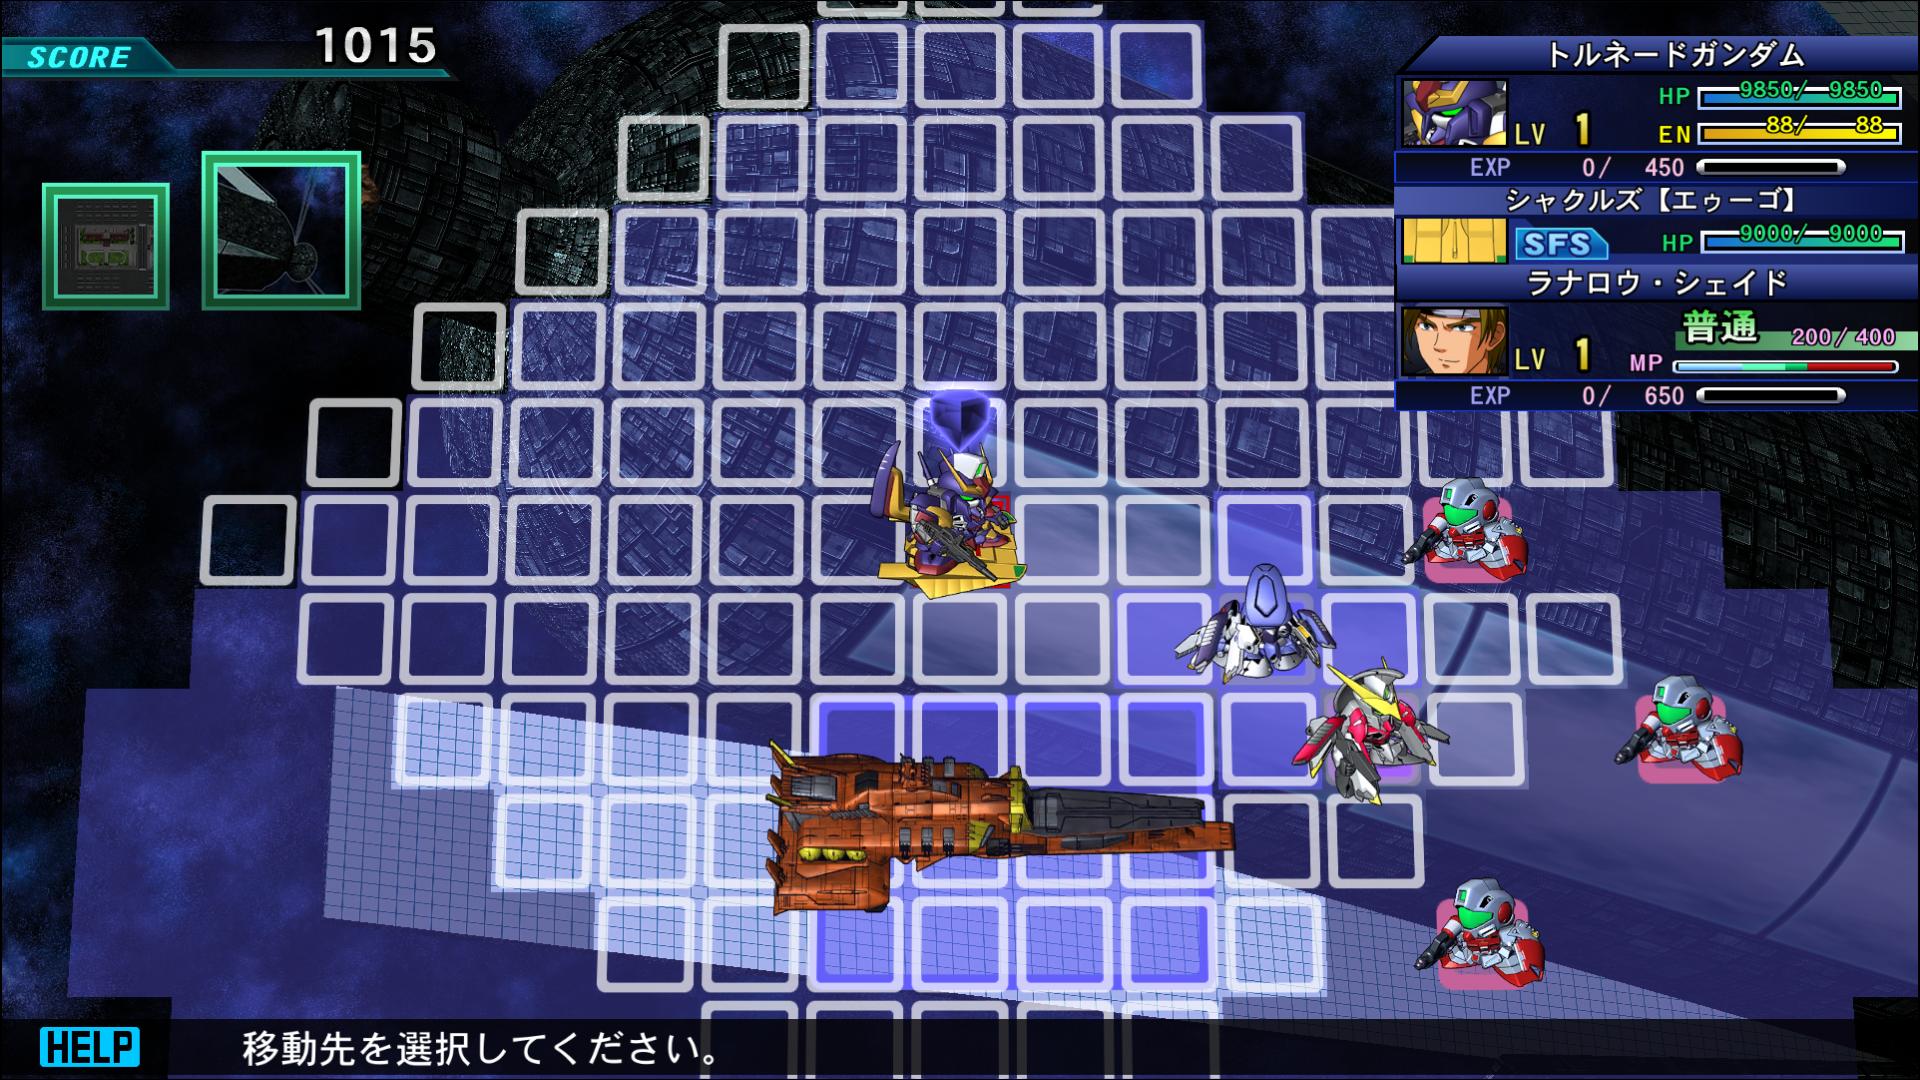 『SDガンダム ジージェネレーション ジェネシス』ゲーム画面